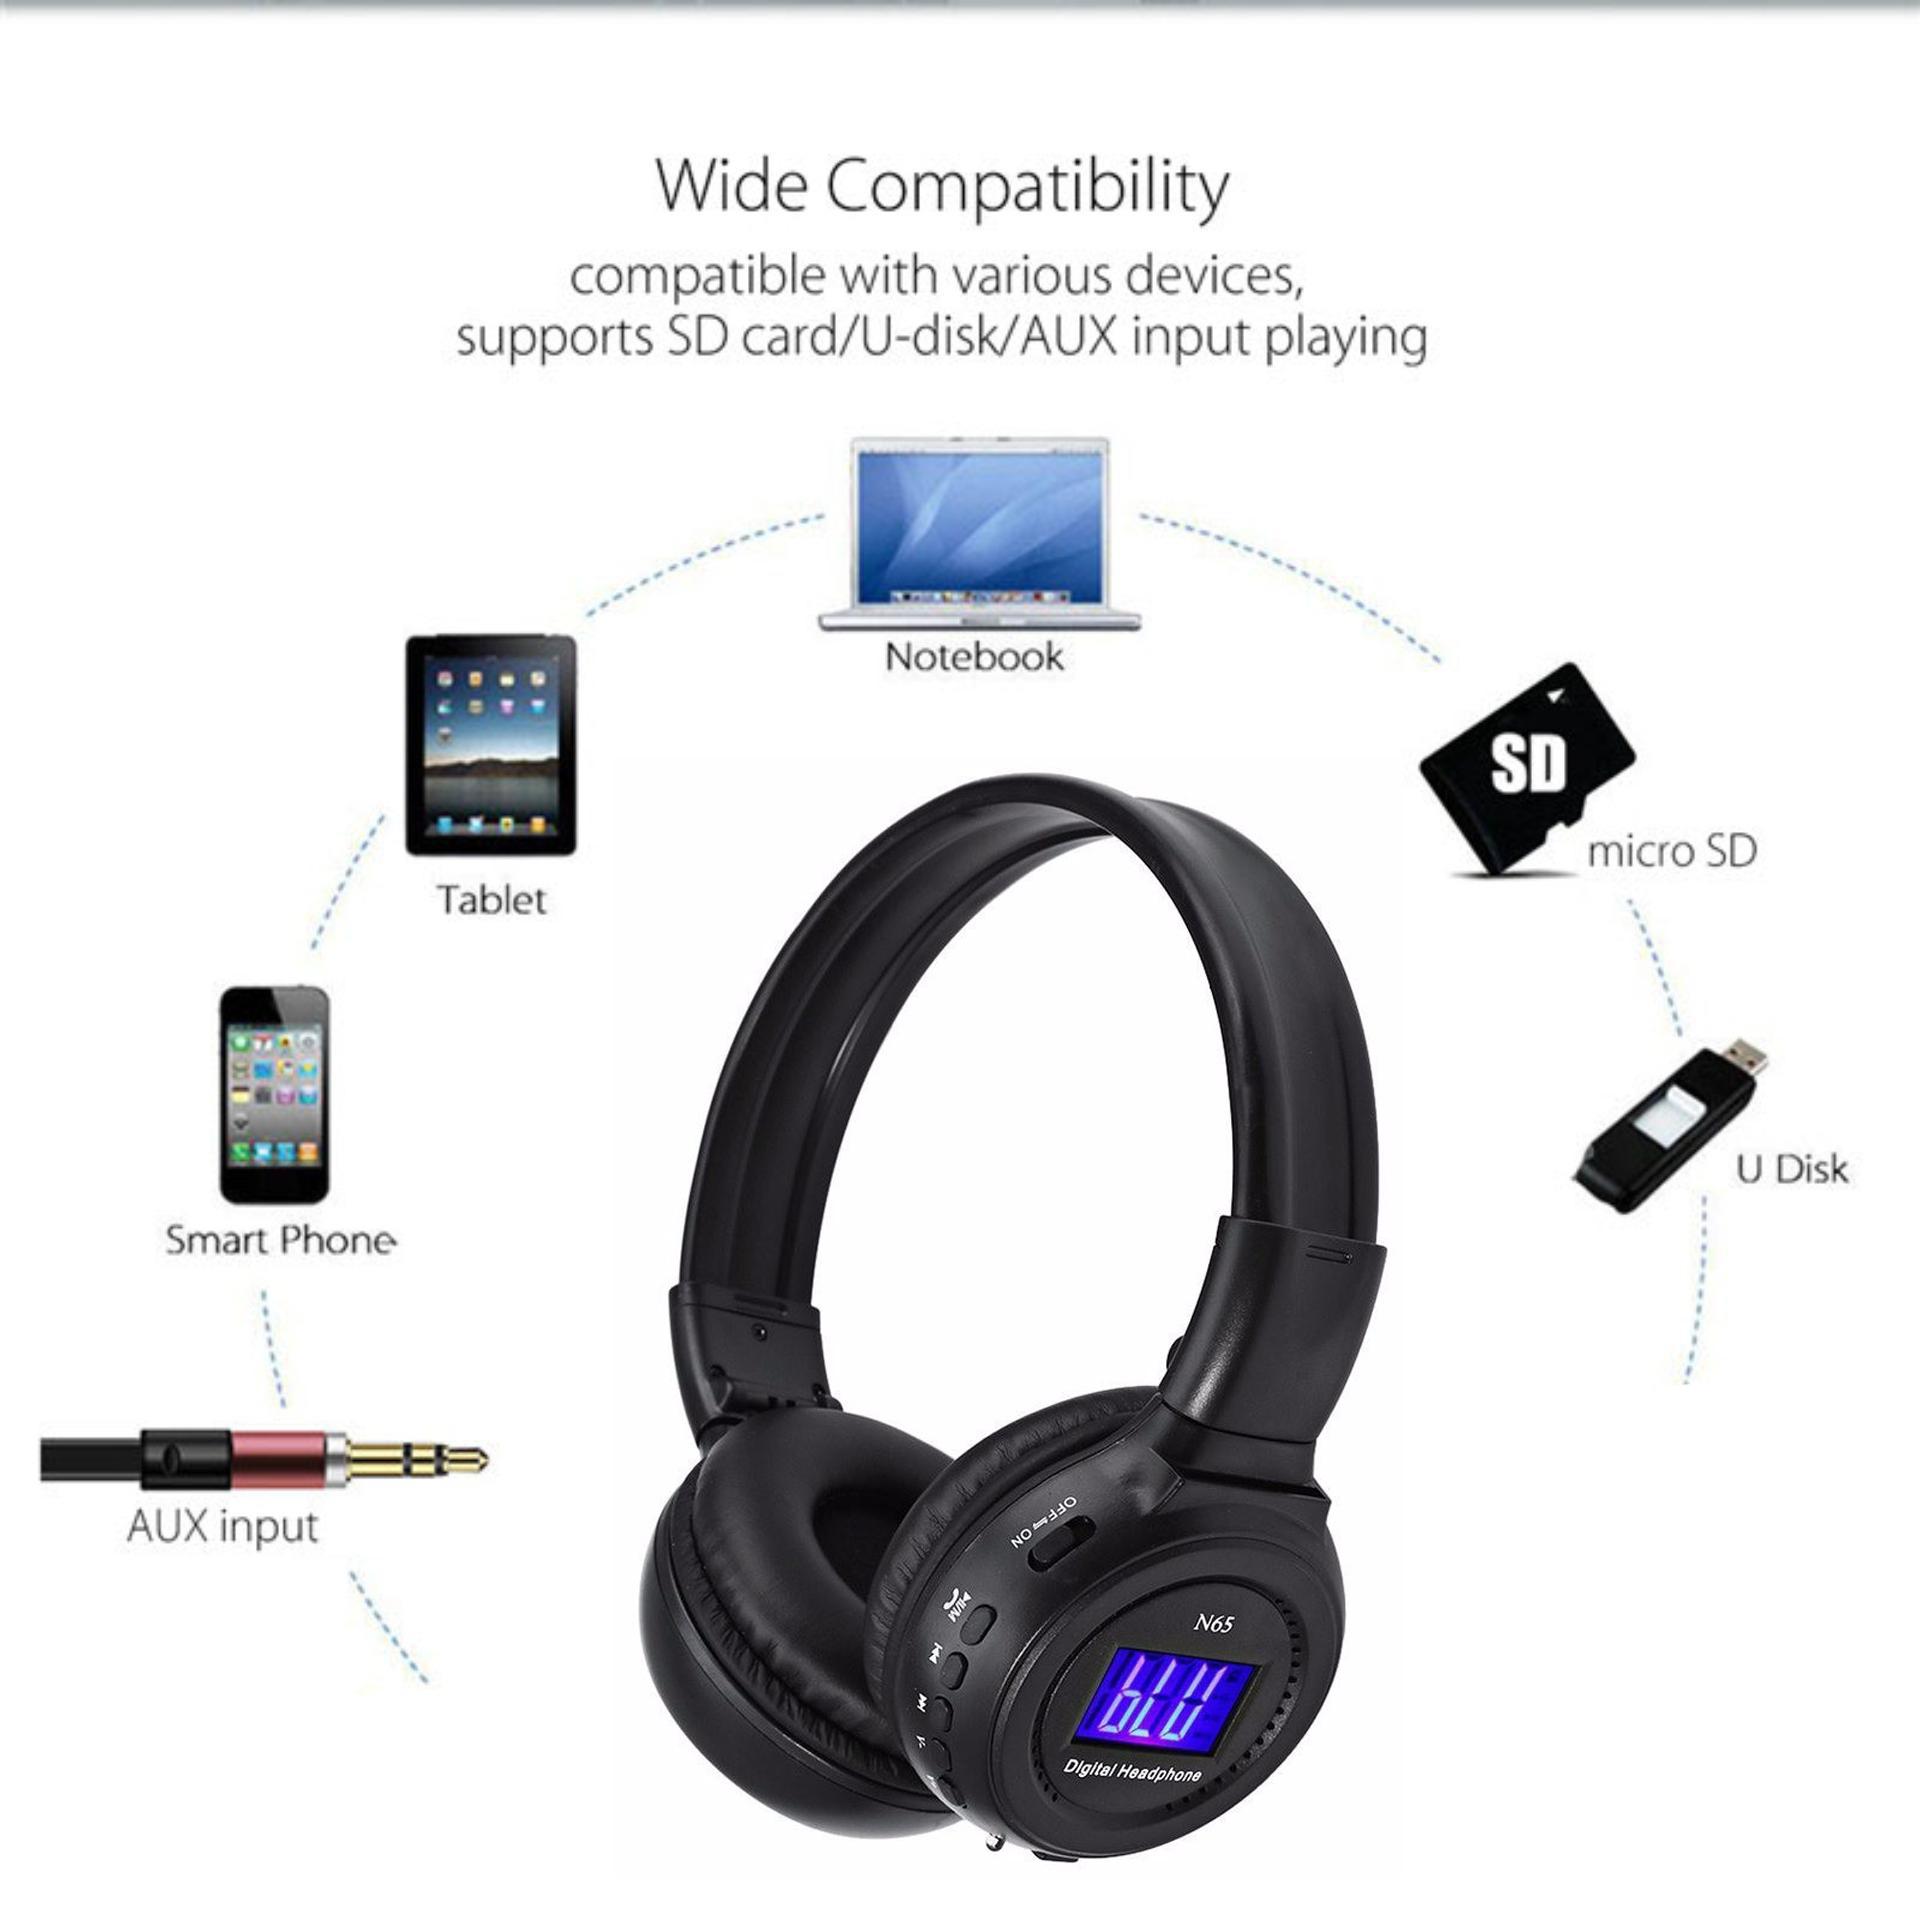 Tai nghe bluetooth chụp tai N65BT âm thanh cực đỉnh thời gian chơi nhạc cực lấu headphone gamming gamer (Giao màu ngẫu nhiên)